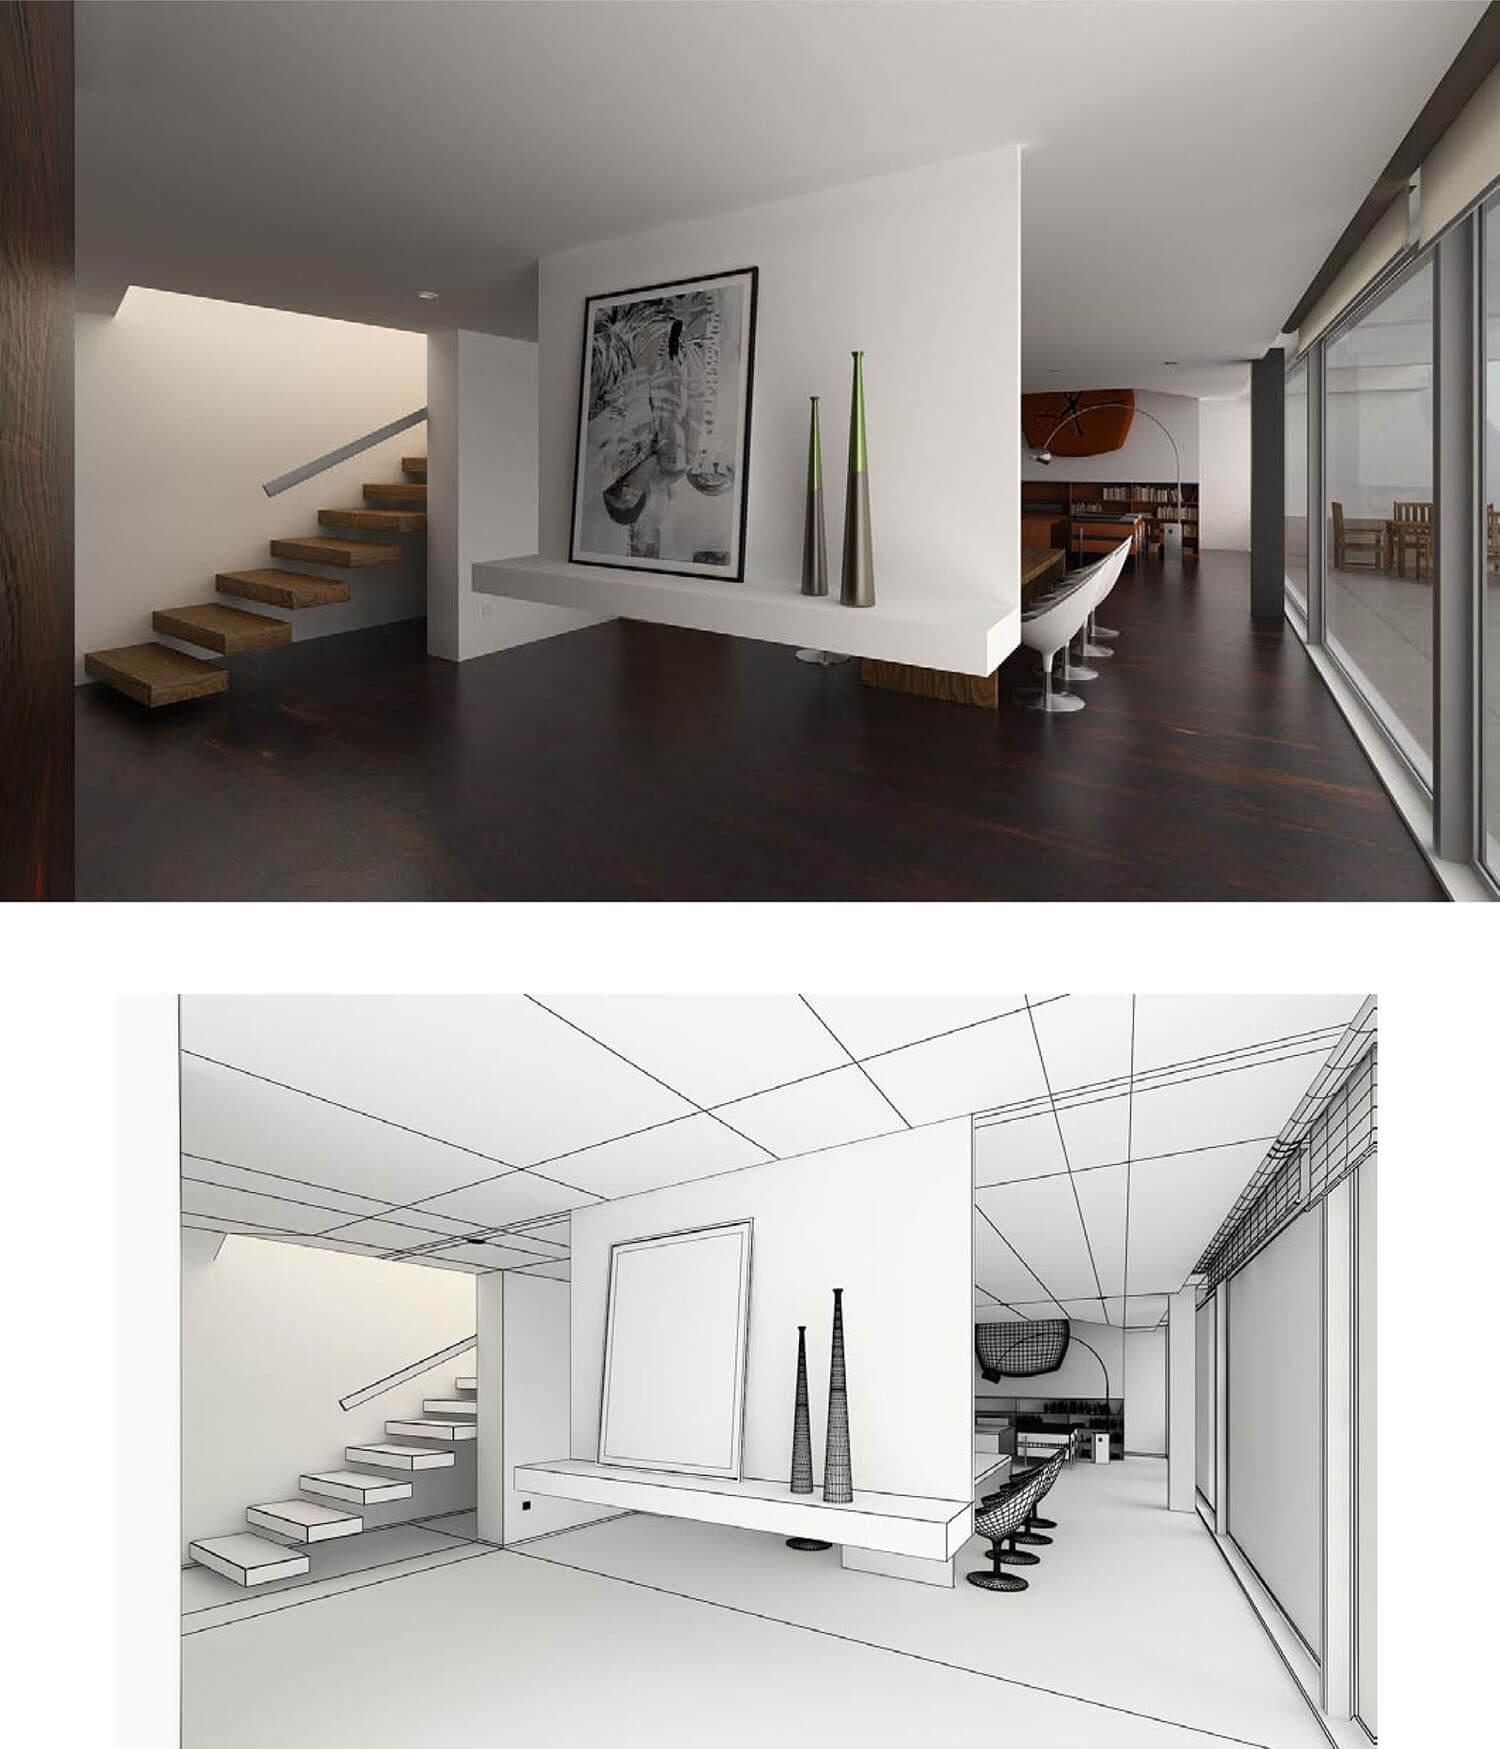 Bậc thang được thiết kế ốp với tường trong không gian cầu thang này